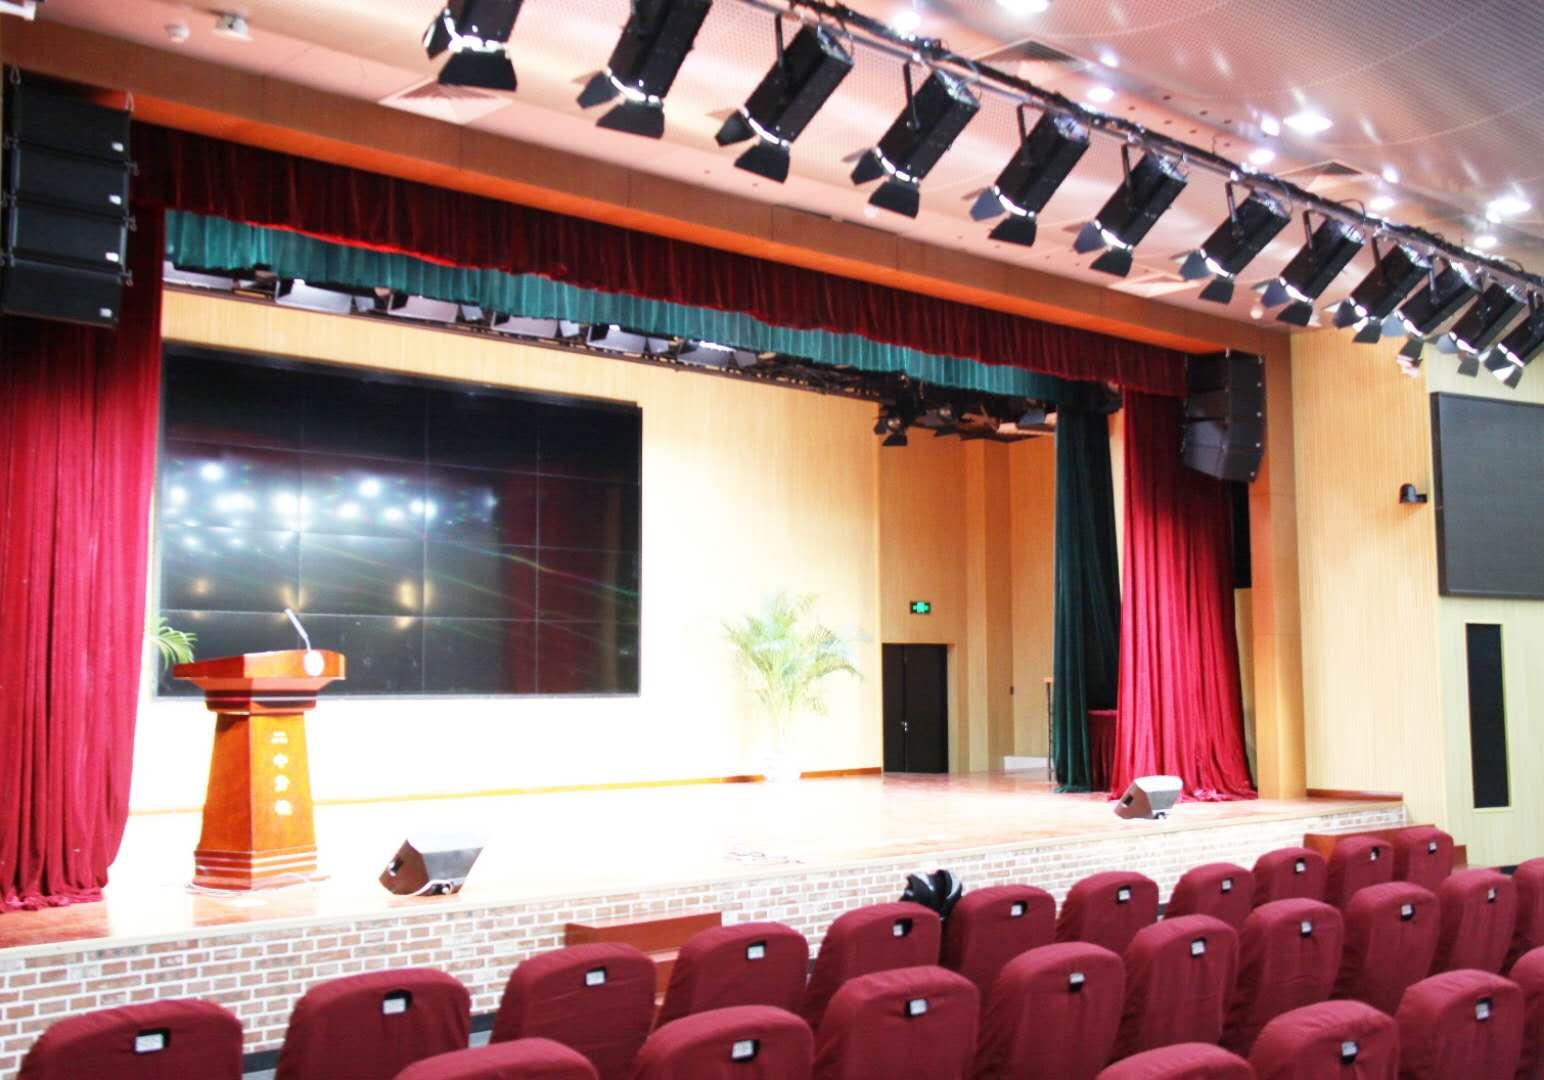 舞台音响技术在戏曲中的运用